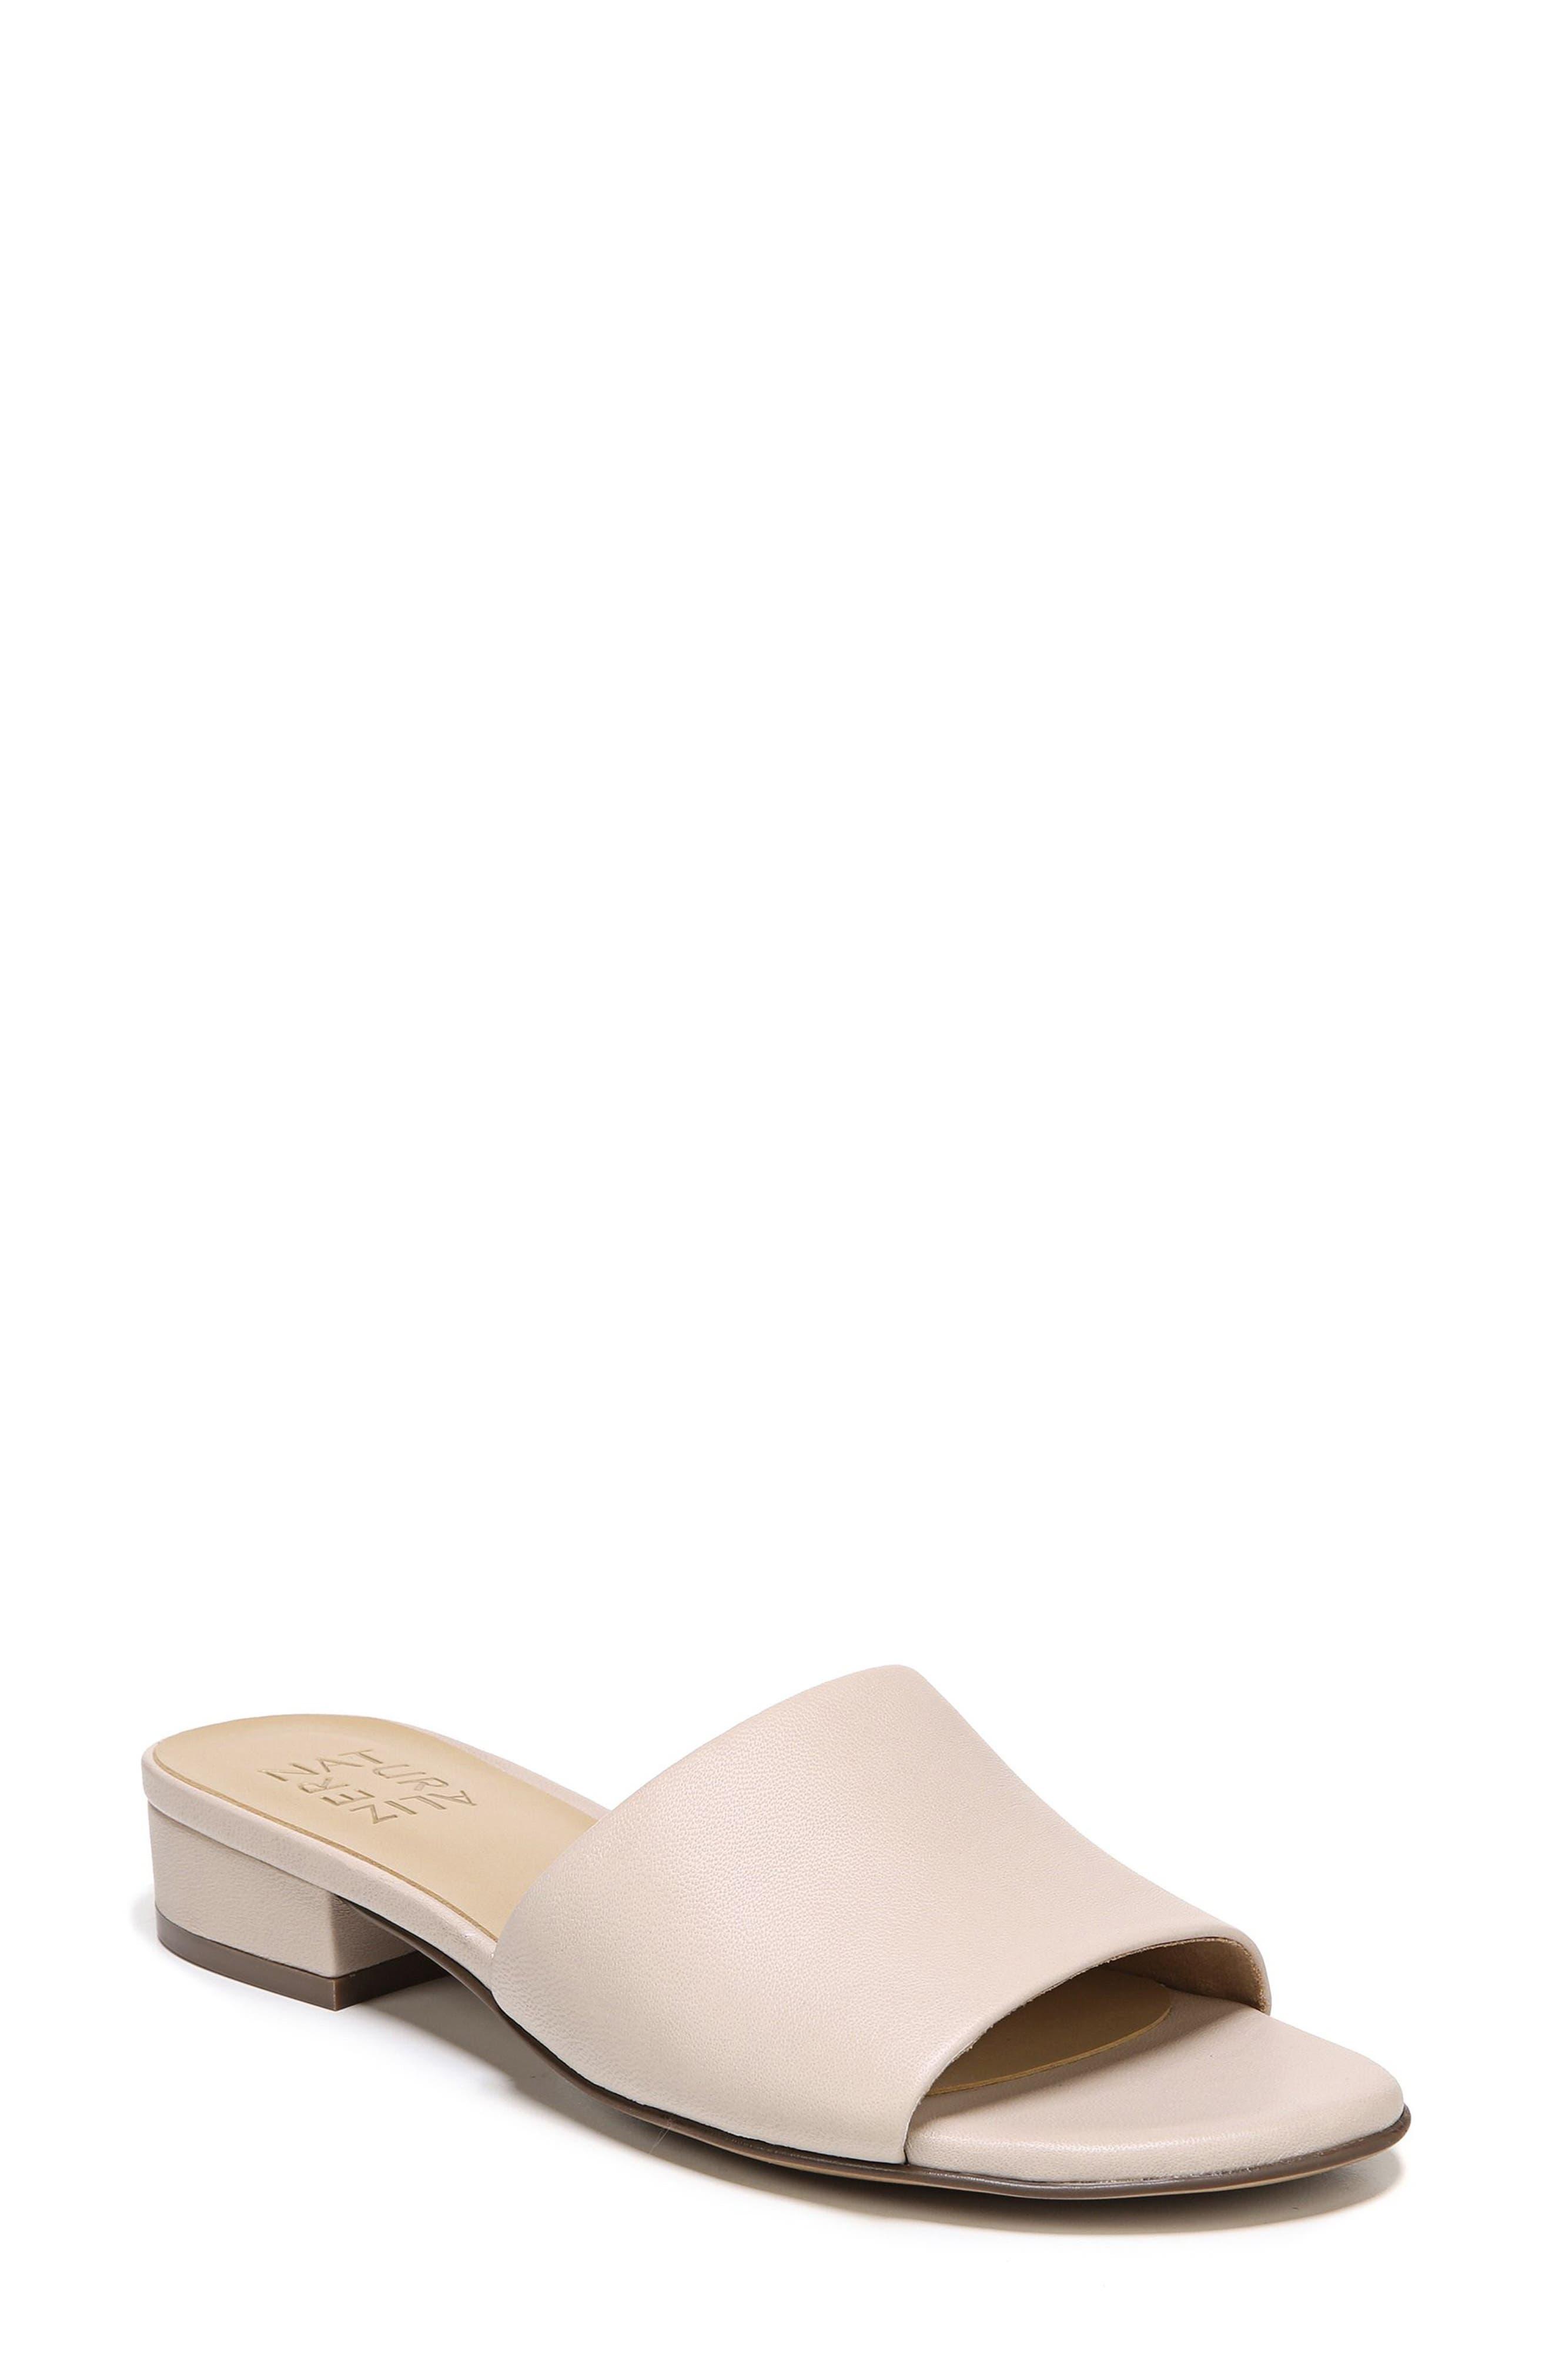 Mason Slide Sandal,                             Main thumbnail 1, color,                             Grey Leather